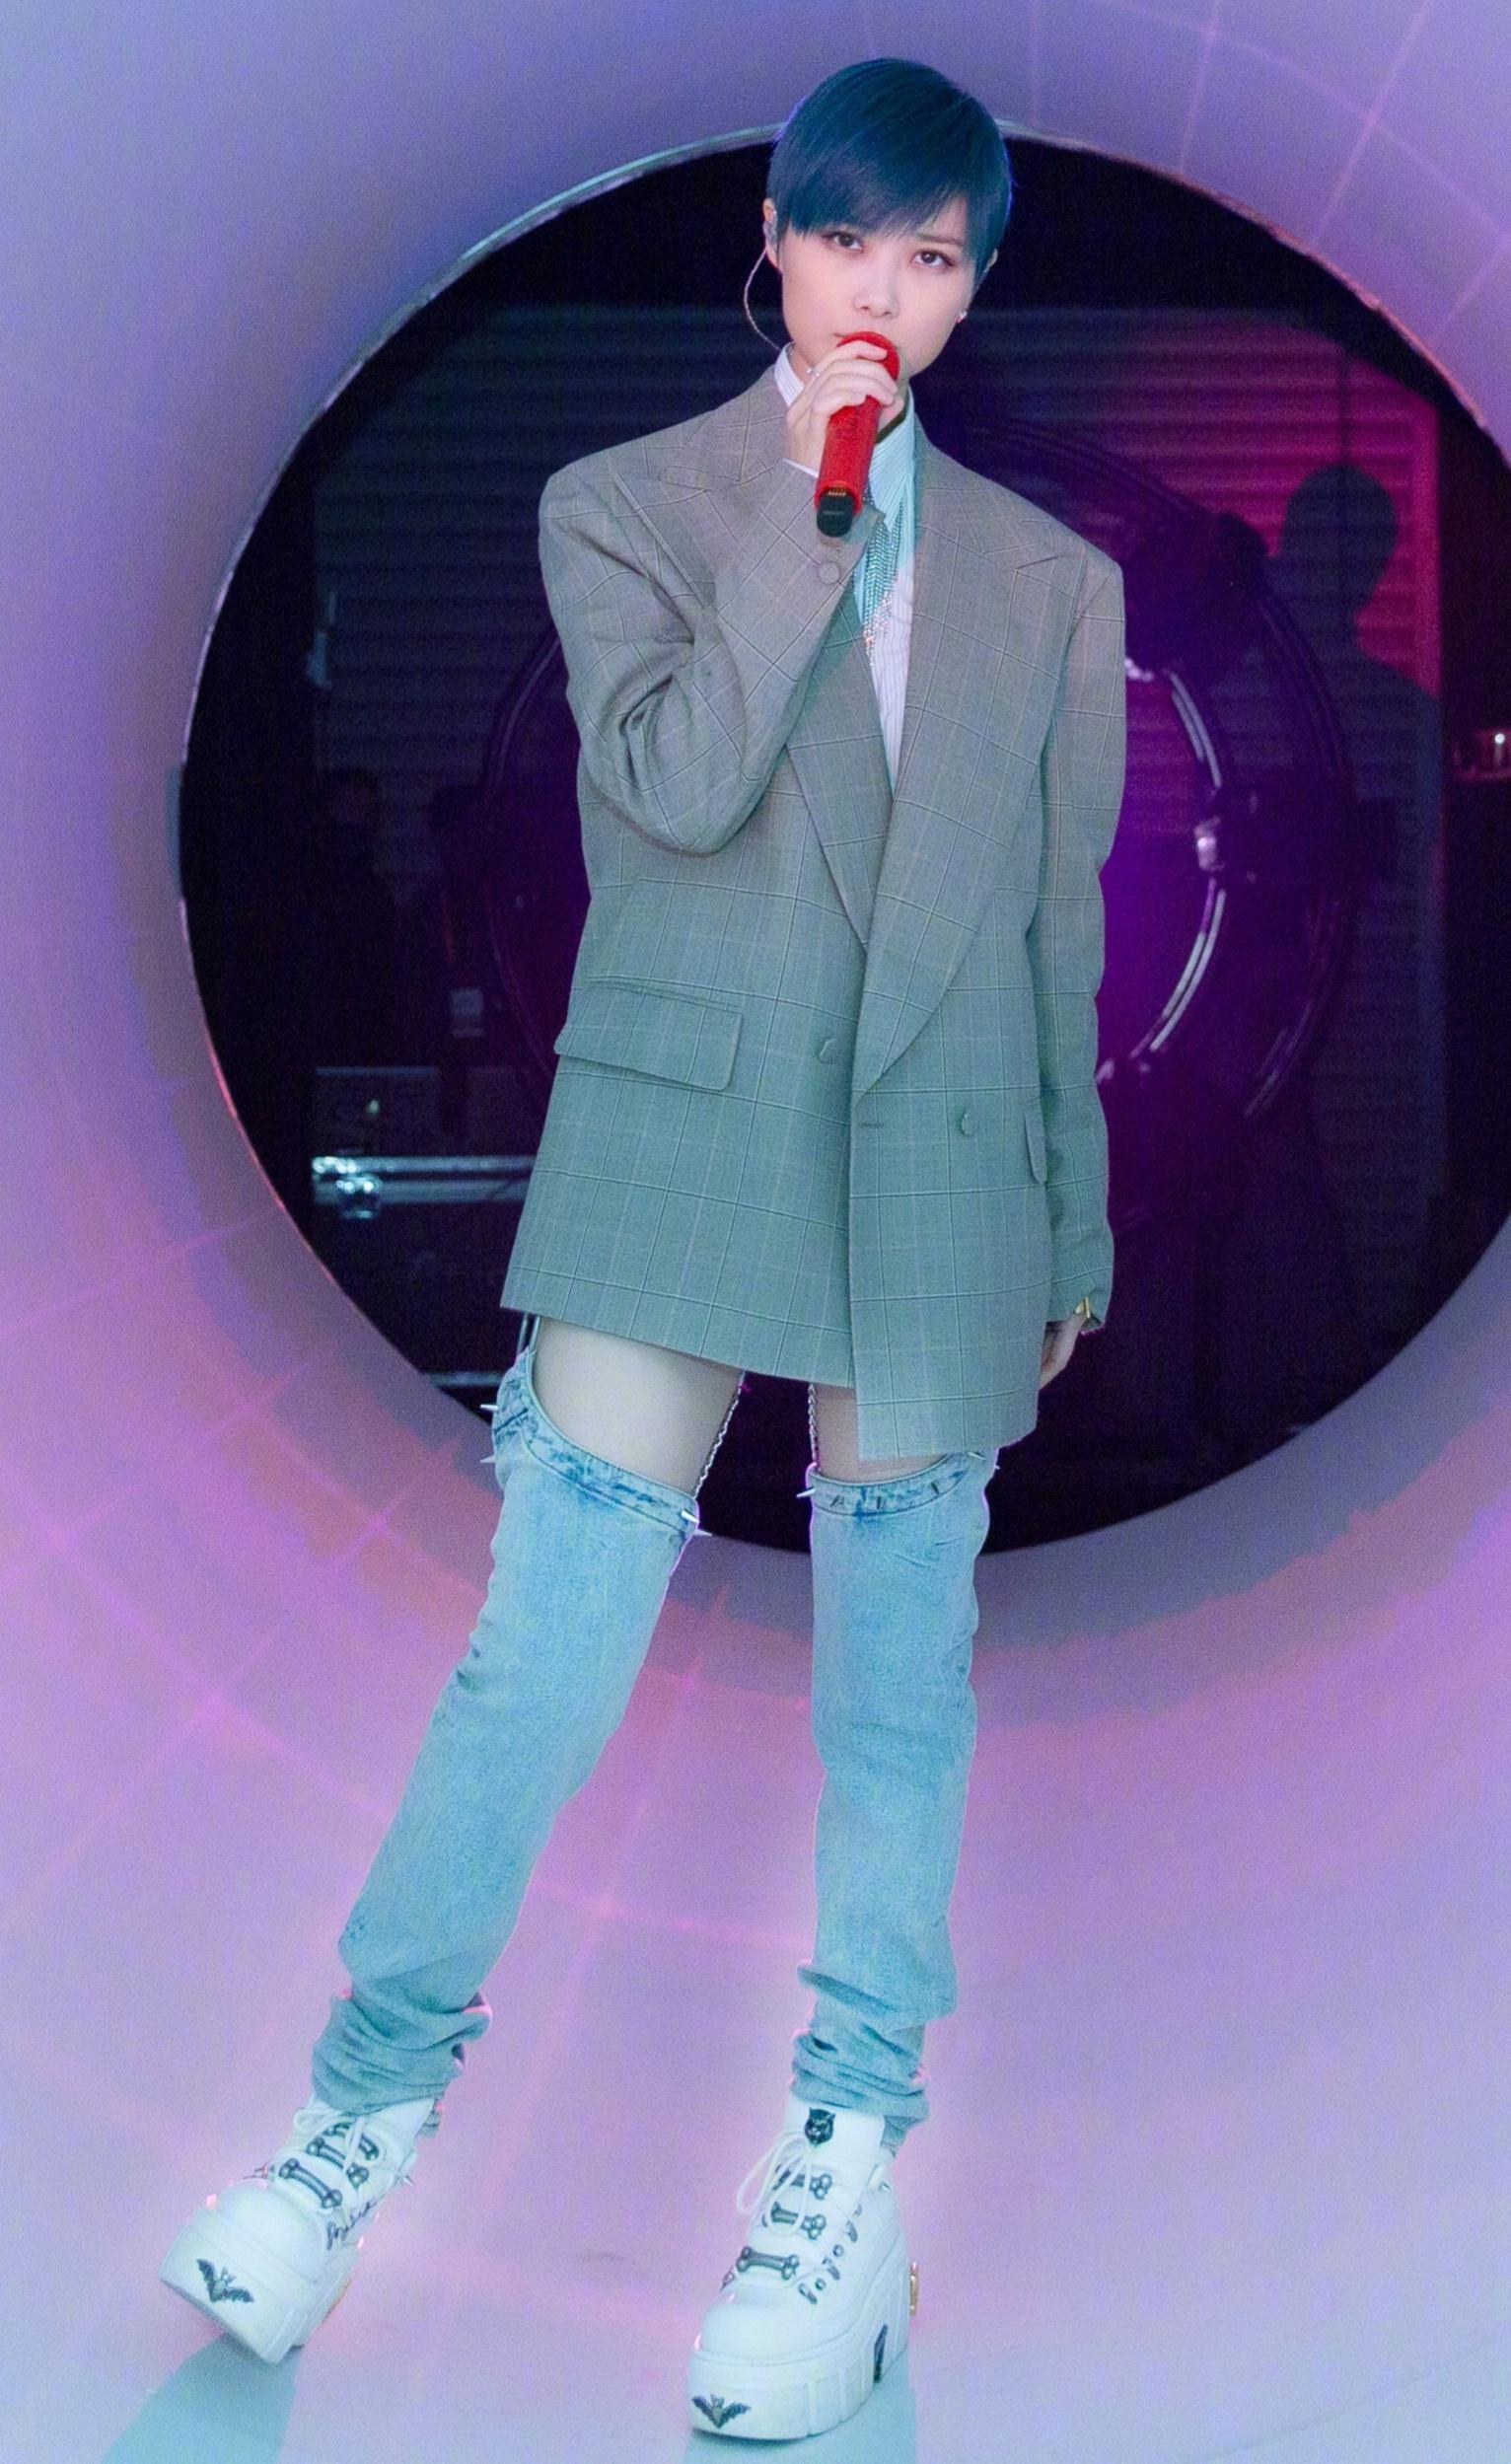 真没想到李宇春那么瘦,裤子要用挂钩挂起来,这样才不会往下掉!